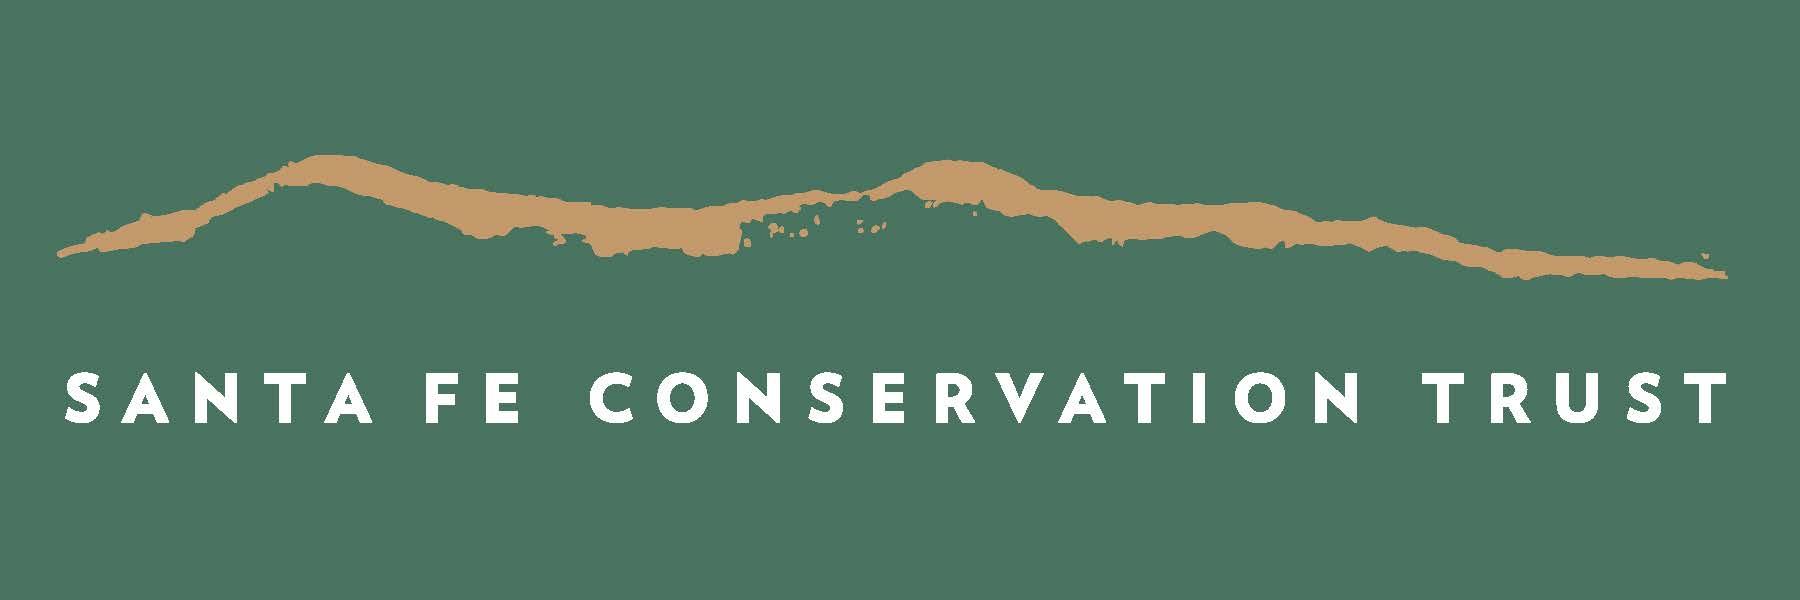 Santa Fe Conservation Trust